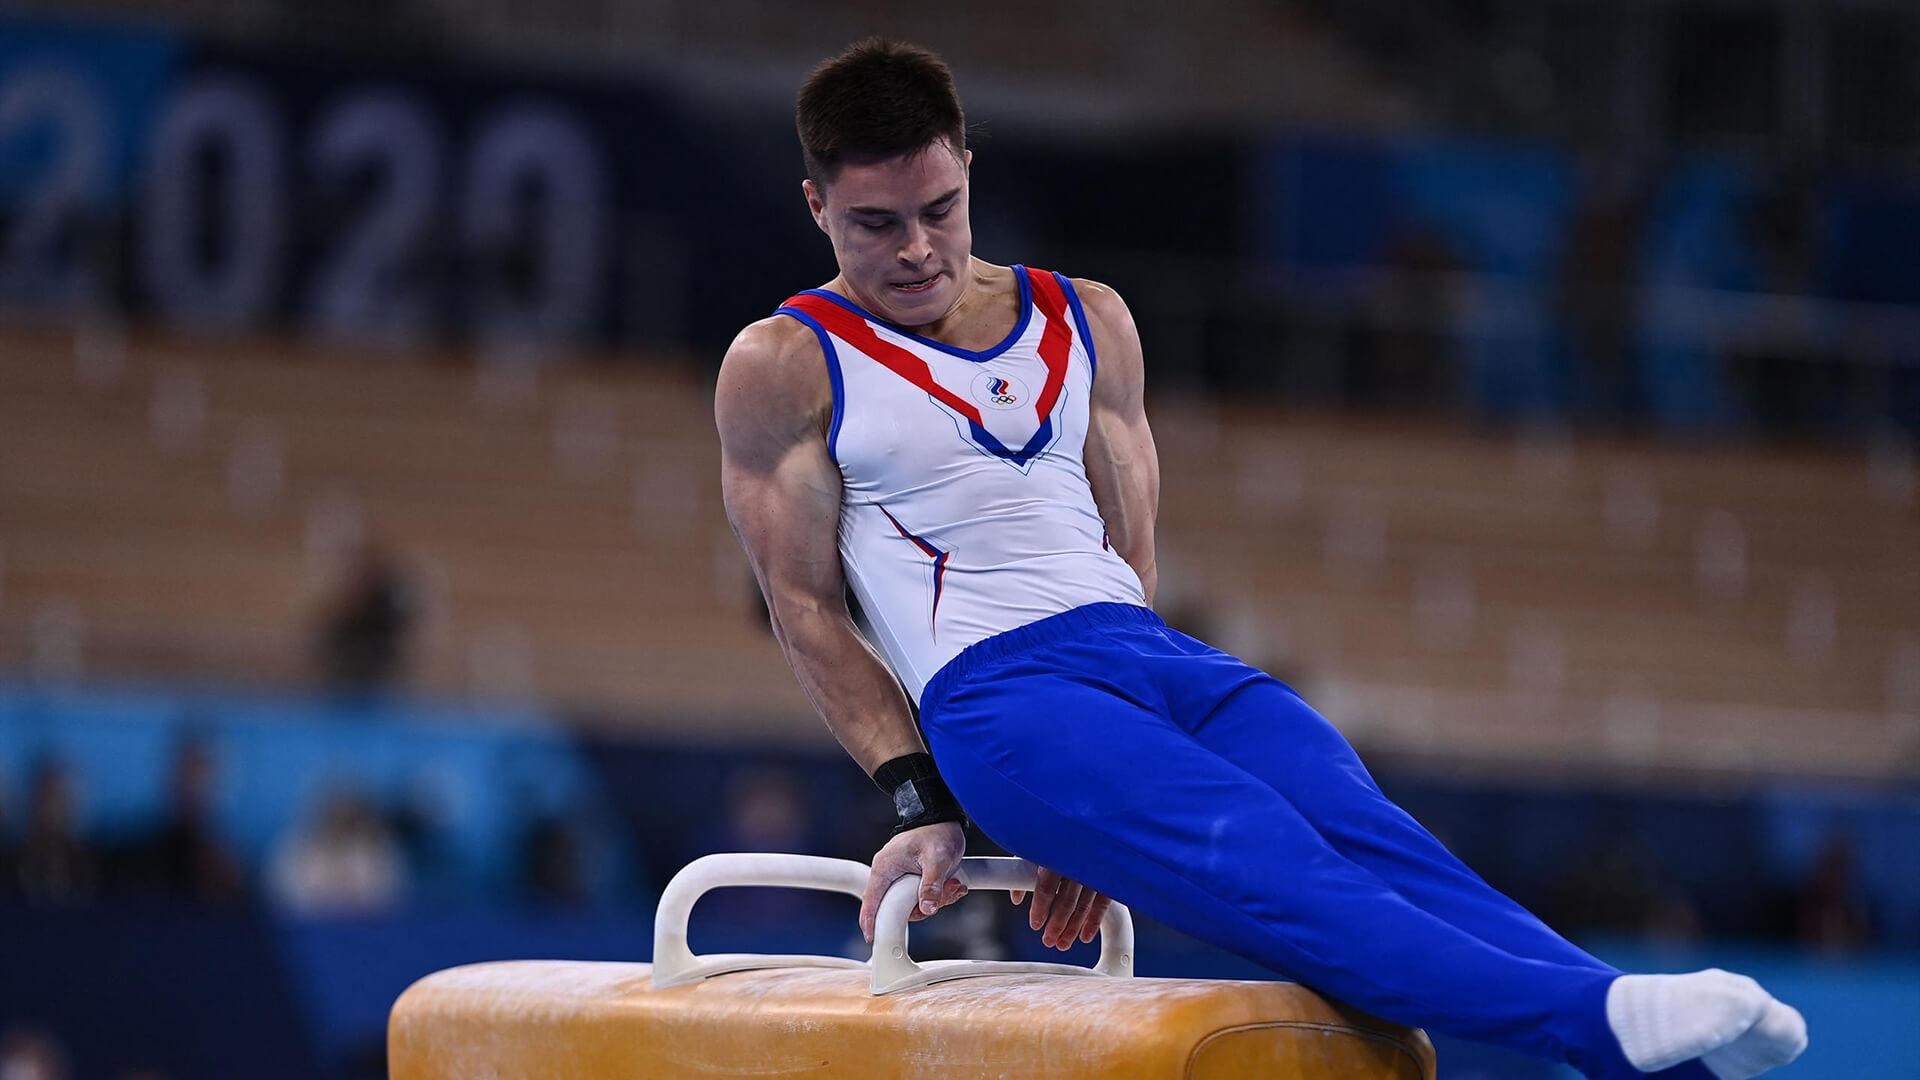 Накаченные и сухие гимнасты.